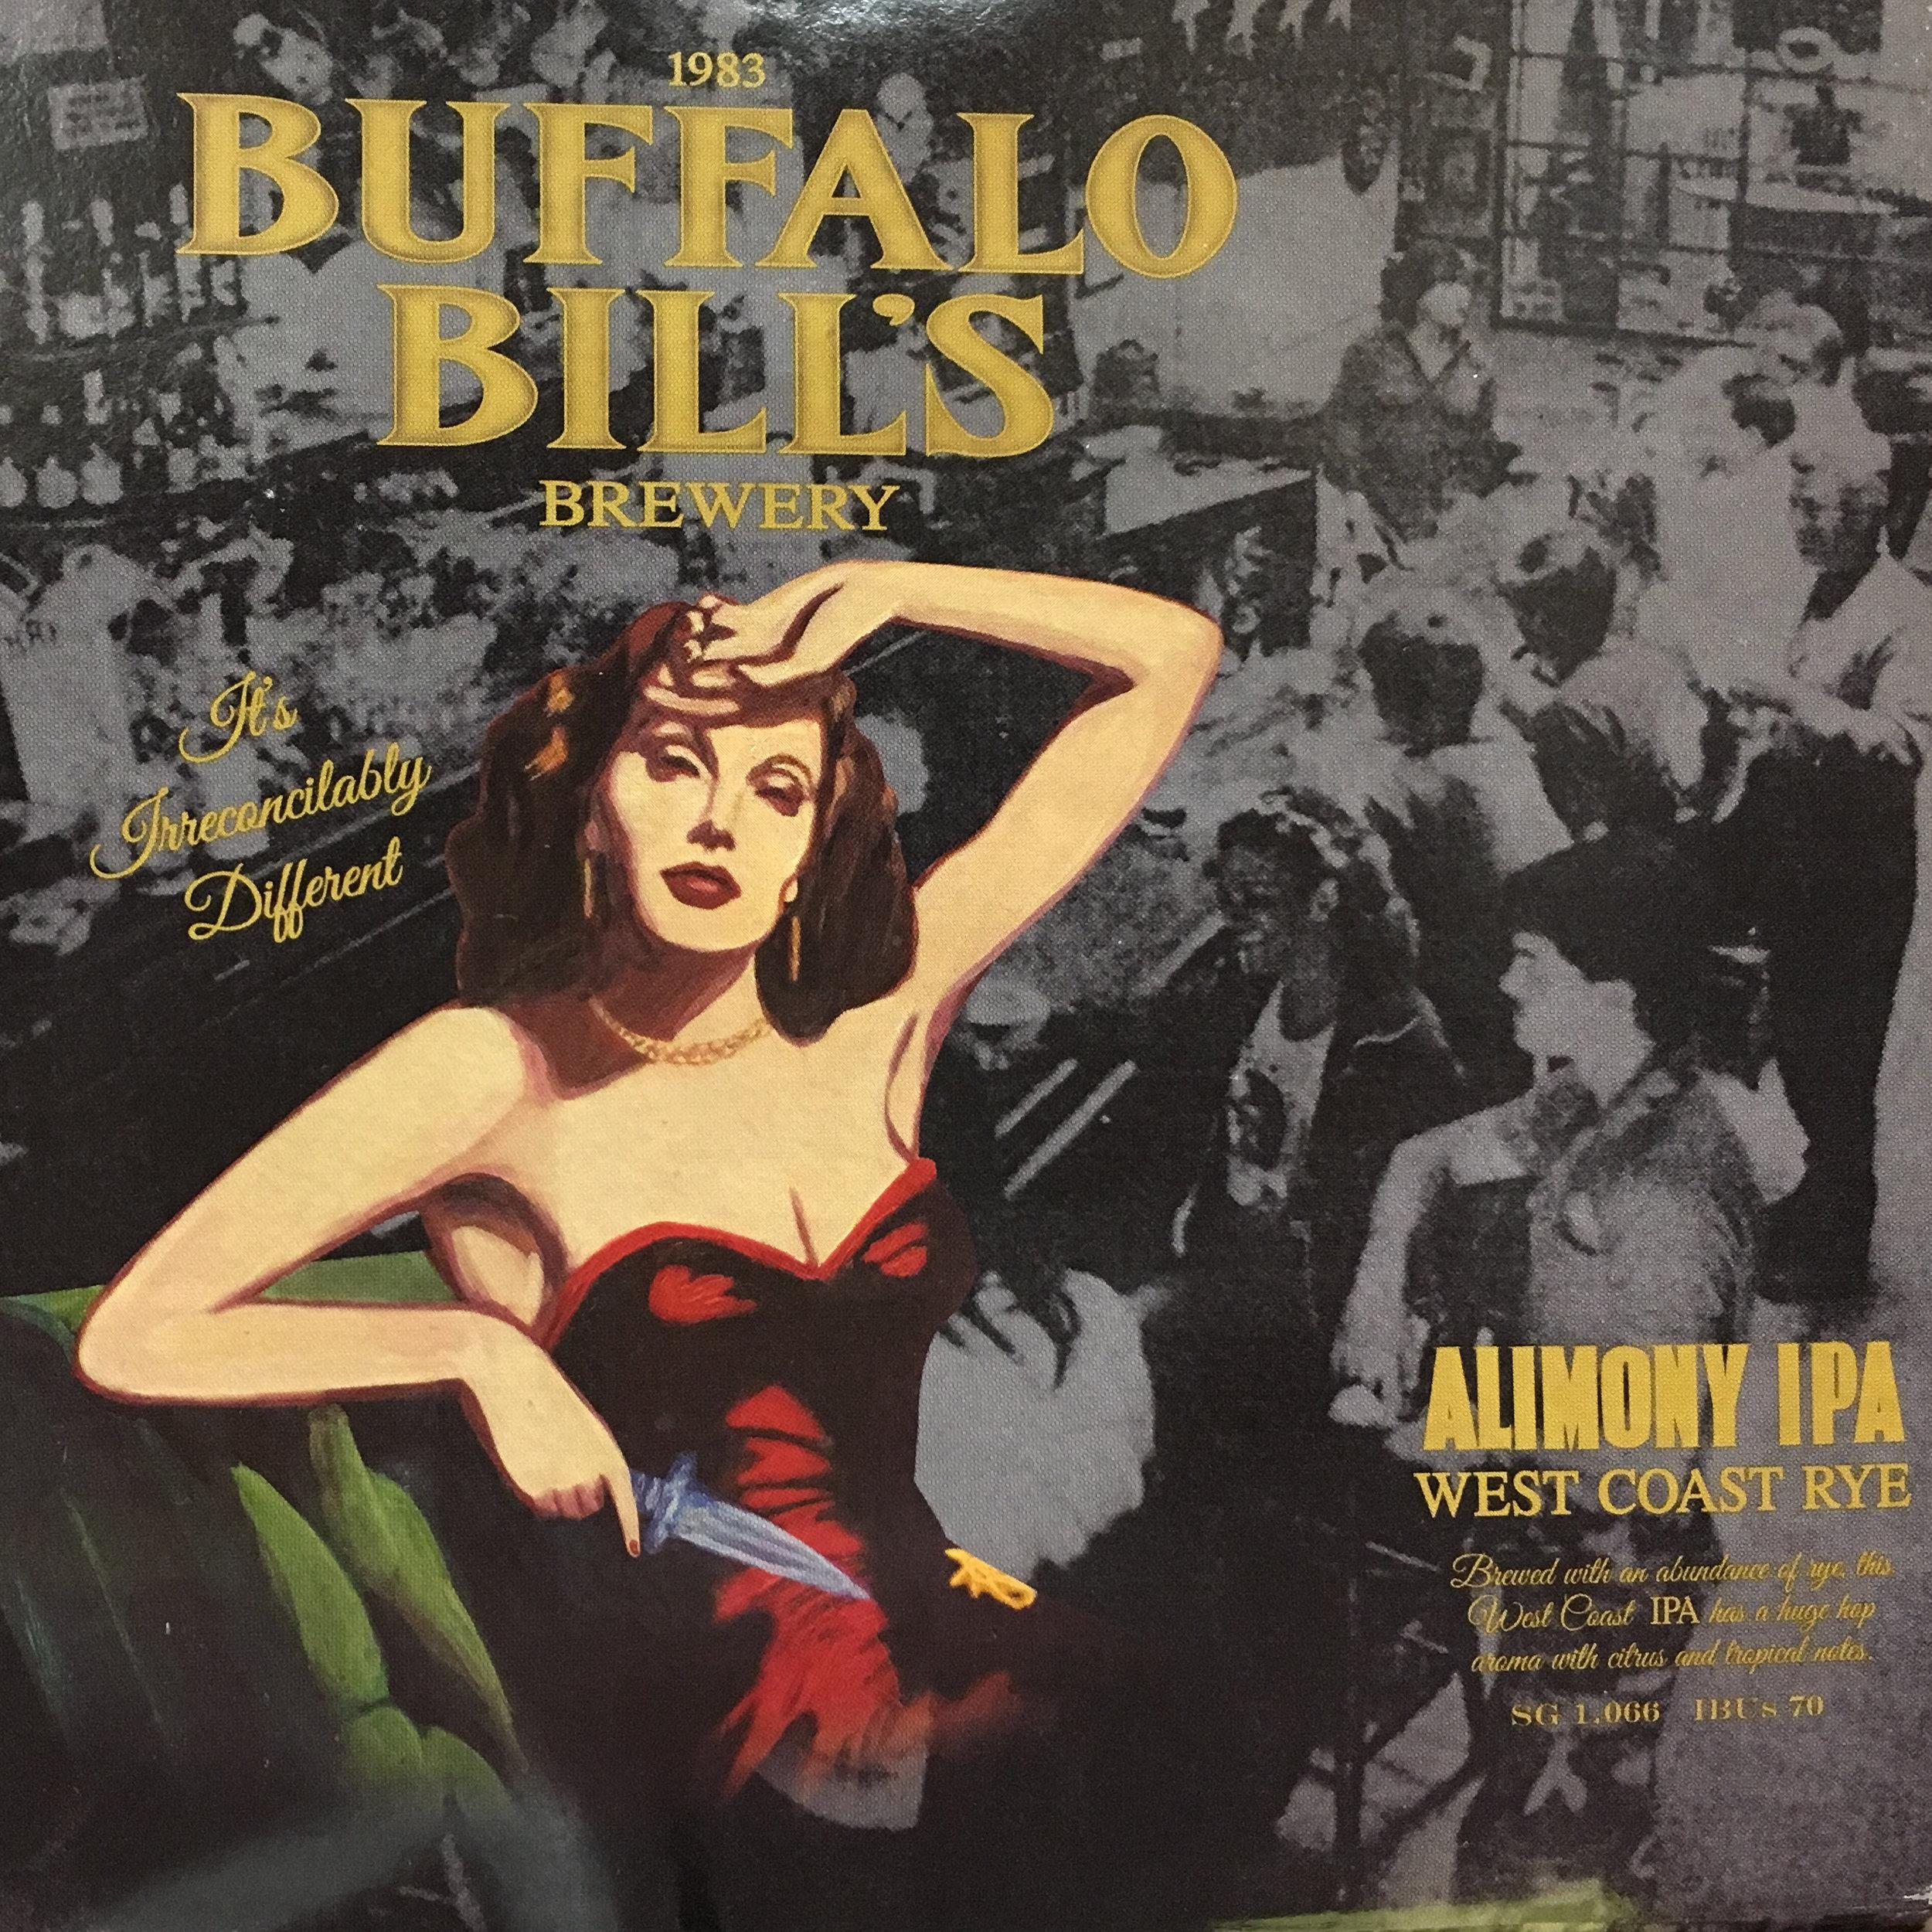 Buffalo Bill Alimony IPA.jpg